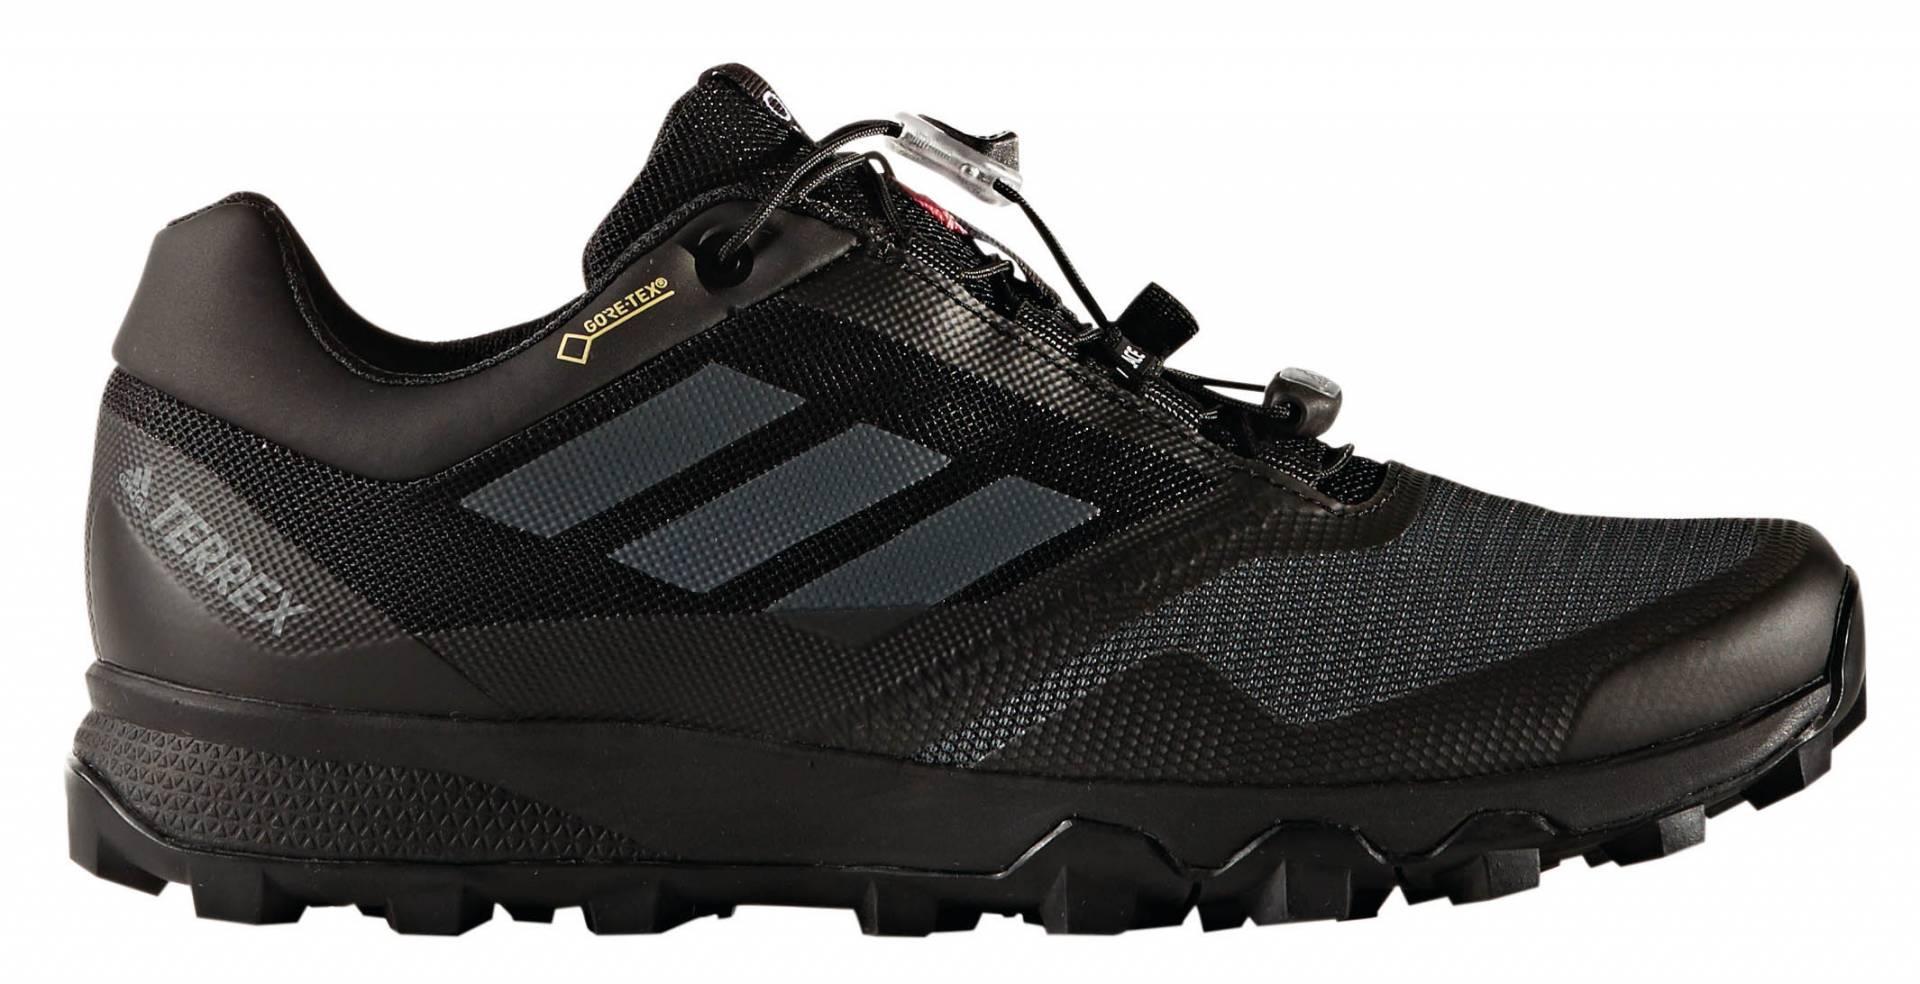 Kaufen Adidas LaufenTrailschuhe Joggenonline Online Im Shop Von qSUVzpGML